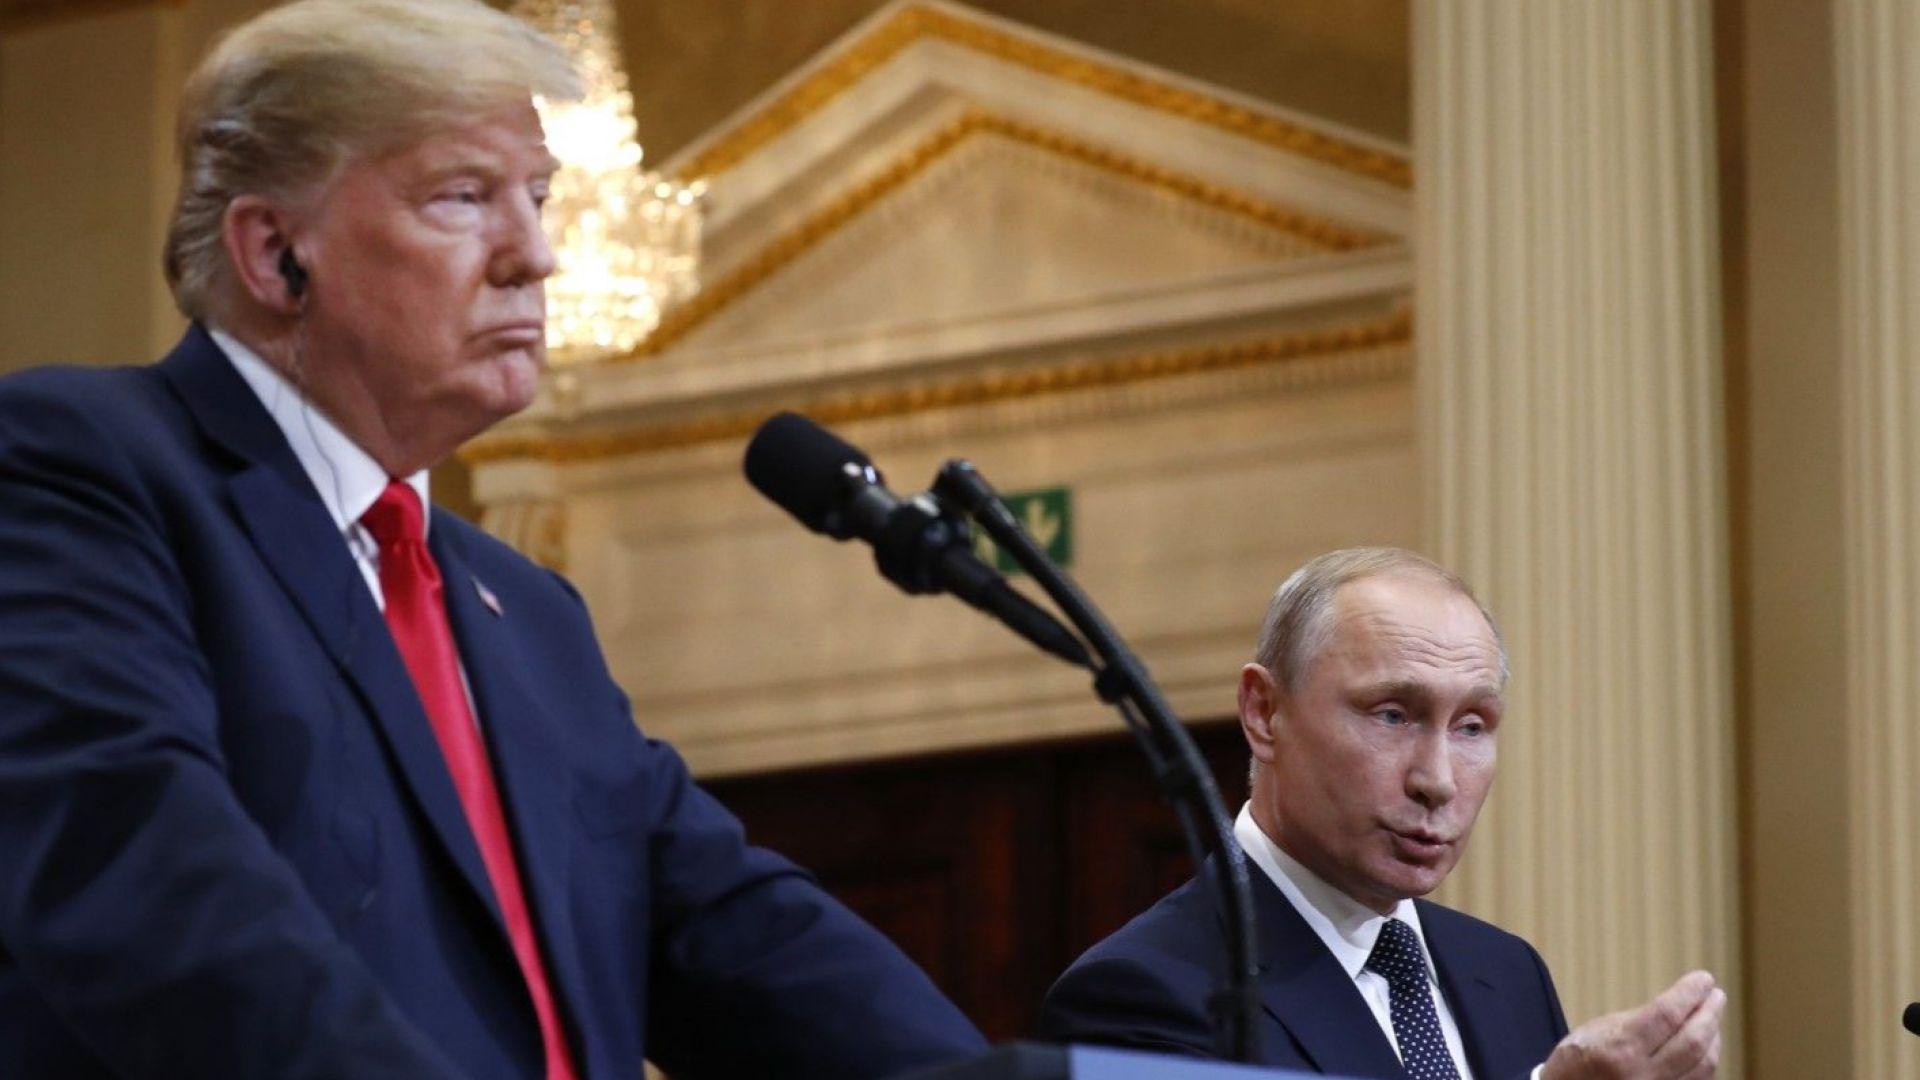 САЩ предлагат среща Тръмп-Путин в края на годината във Вашингтон